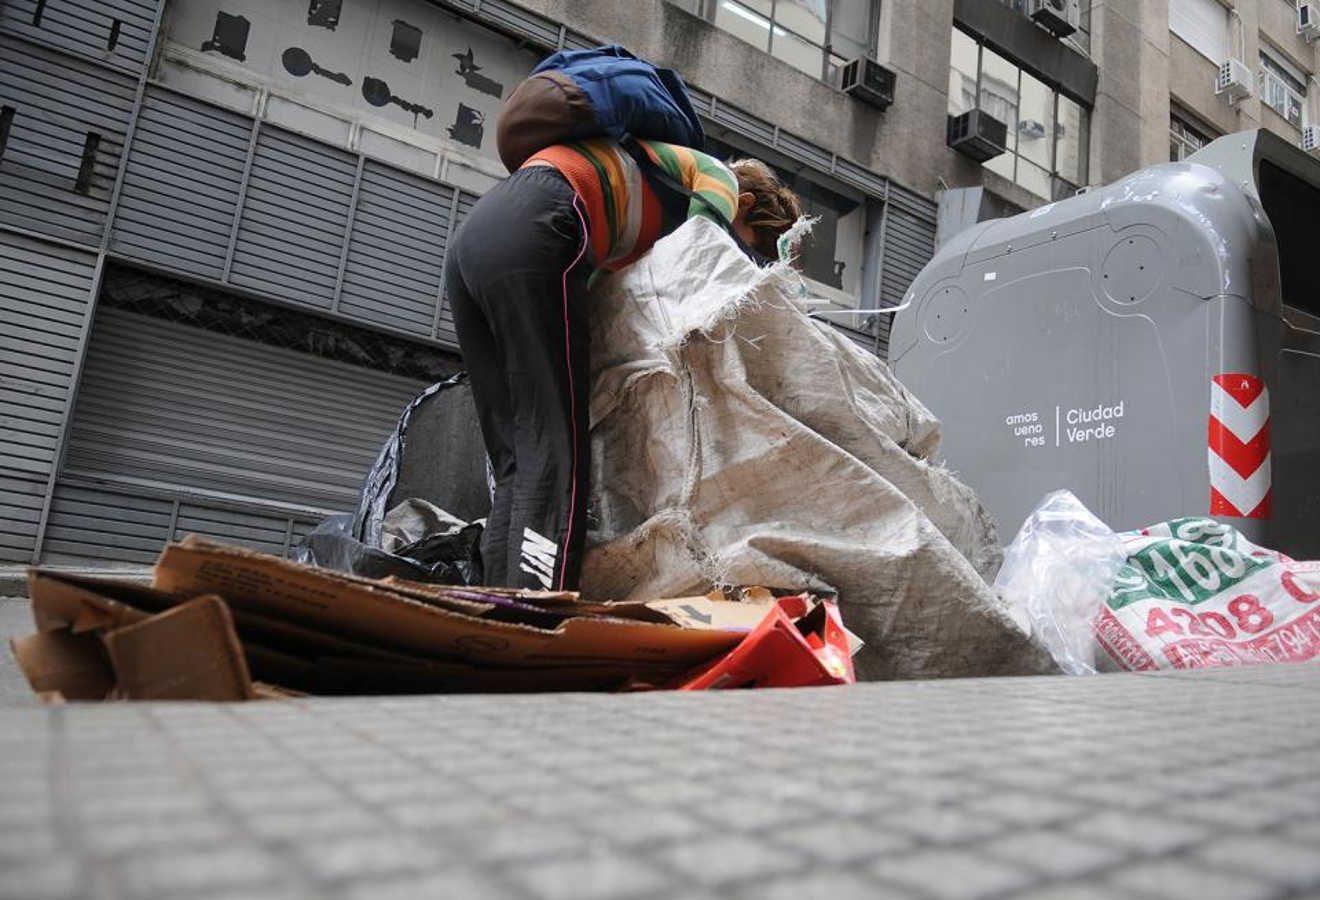 povertà in argentina rapporto uca terzo trimestre 2019